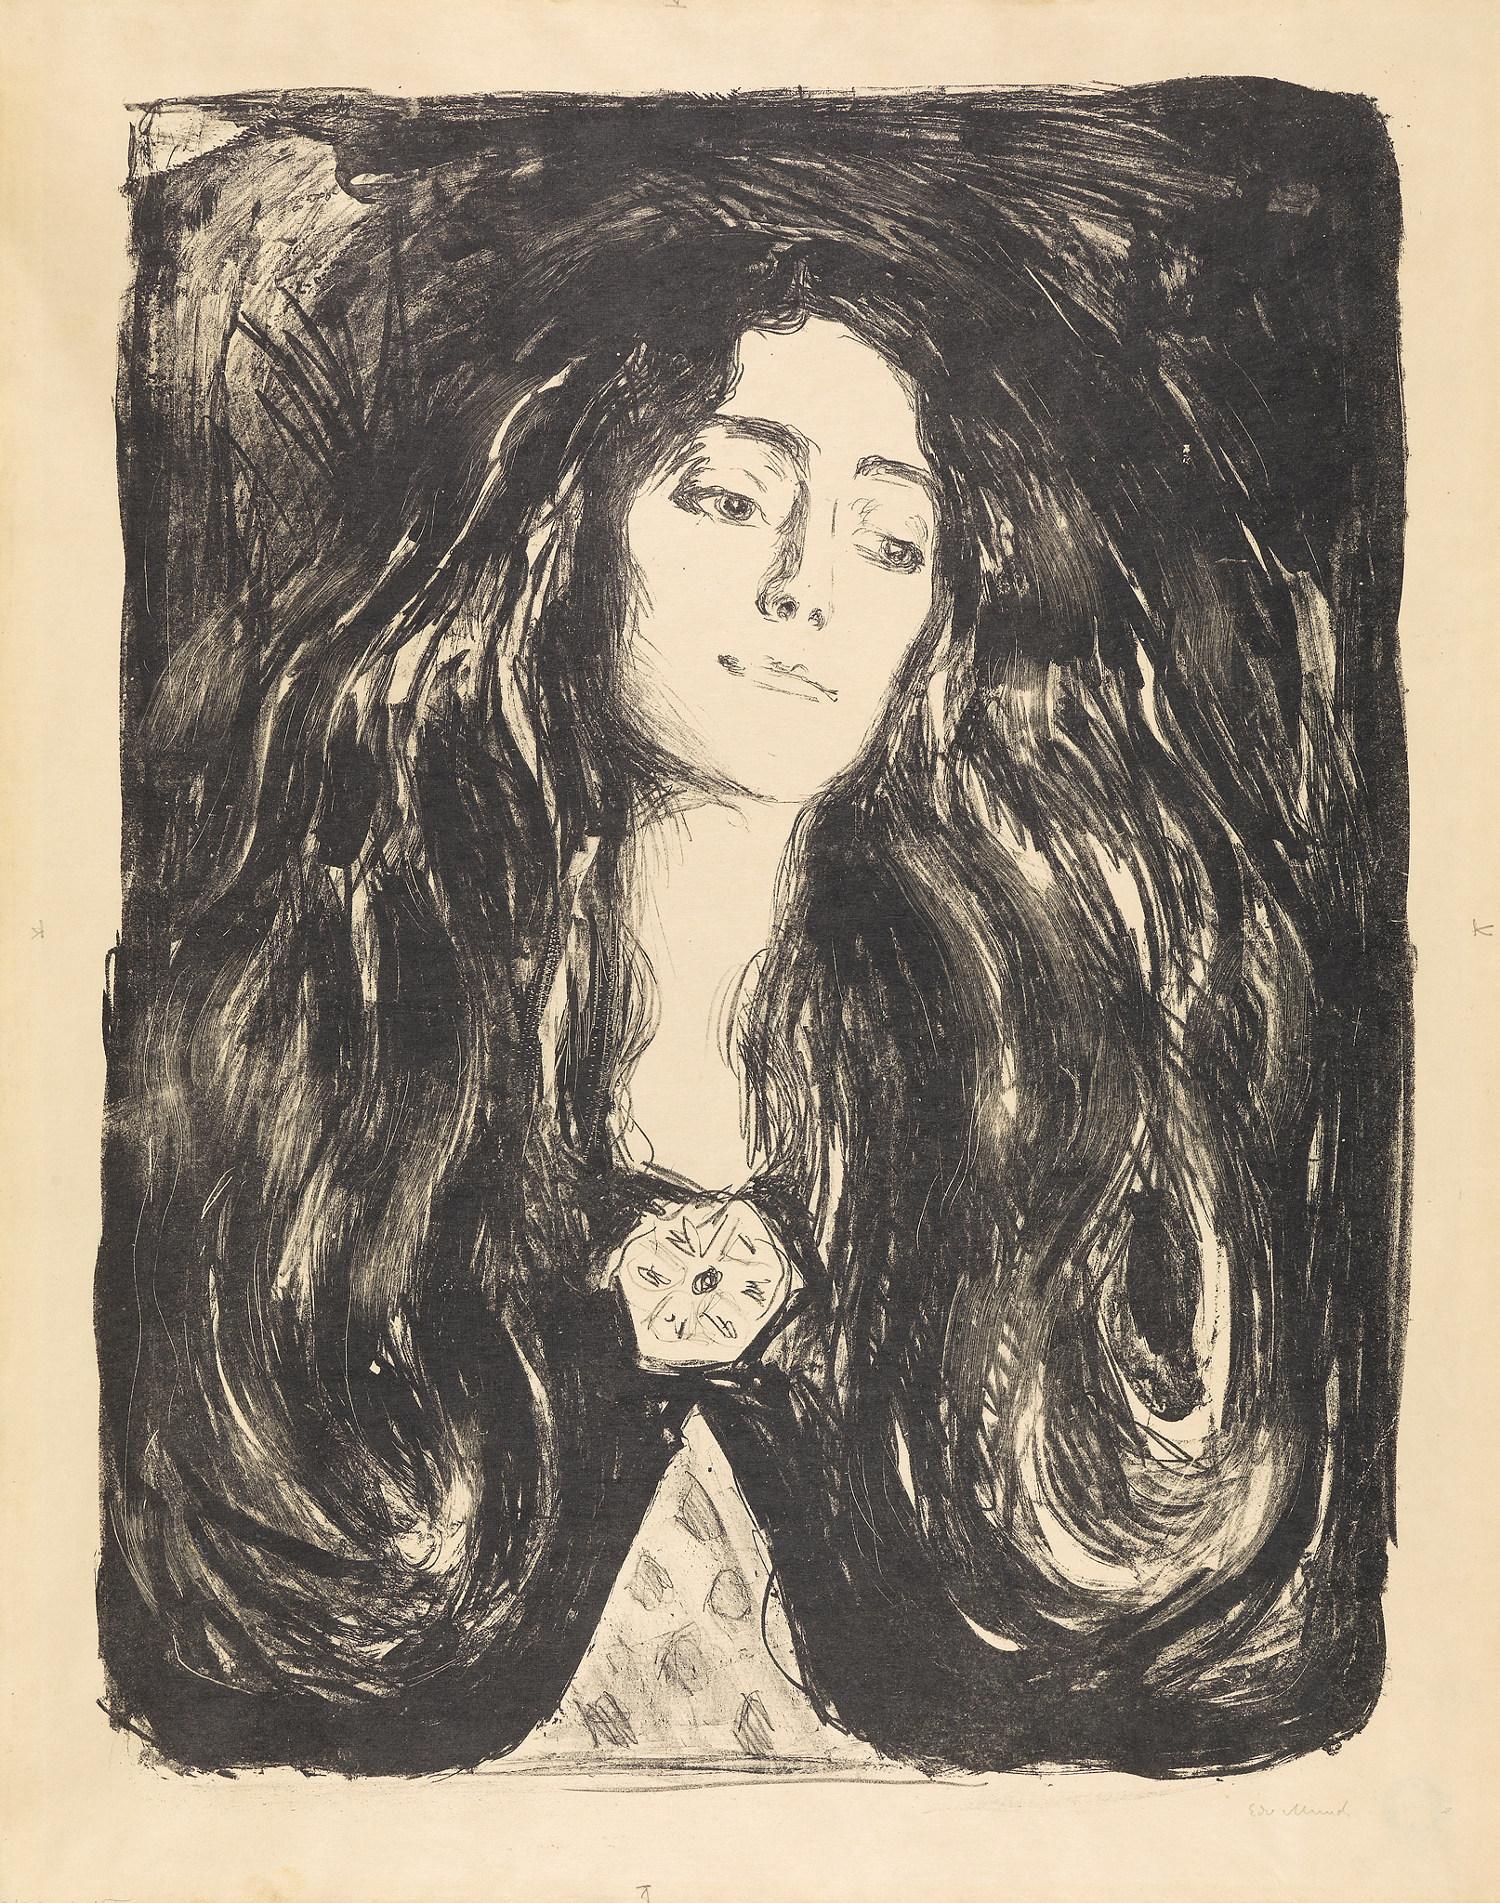 Edvard Munch, Die Brosche. Eva Mudocci, 1903, Musée national d'Oslo